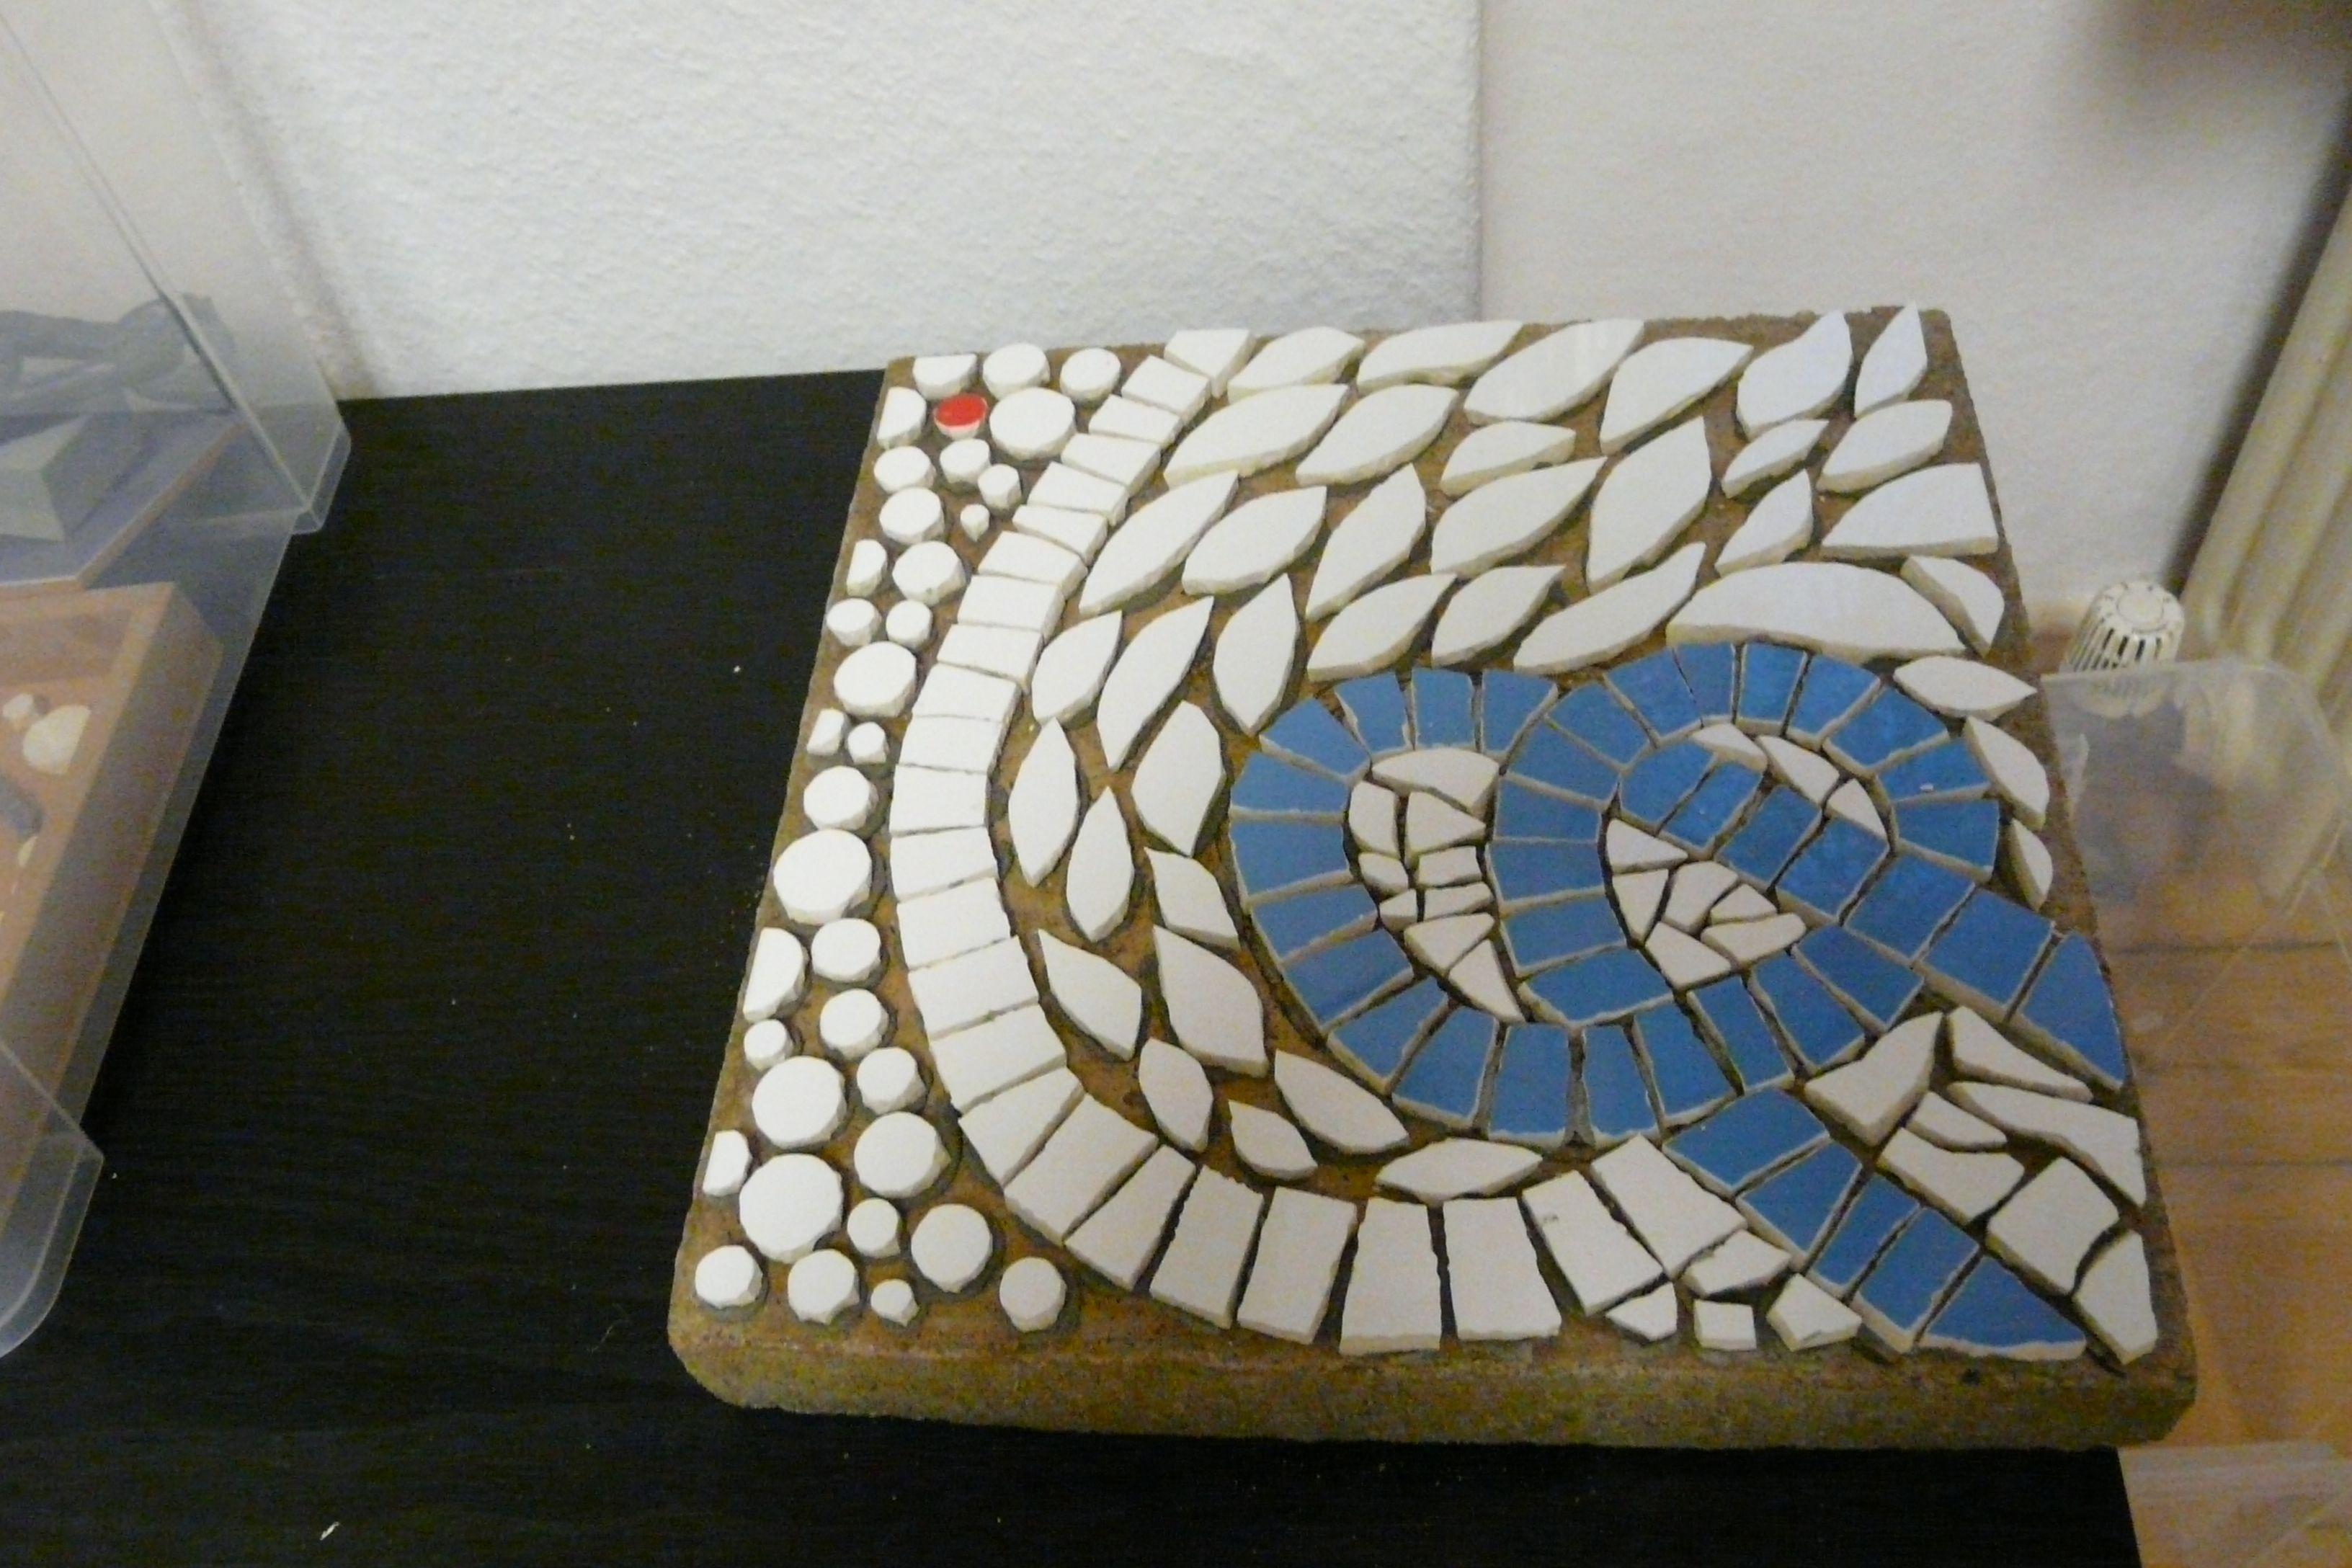 Gehwegplatte für den Garten, Mosaik in der Direkten Methode. Mosaik Workshop bei mosaicked-berlin.